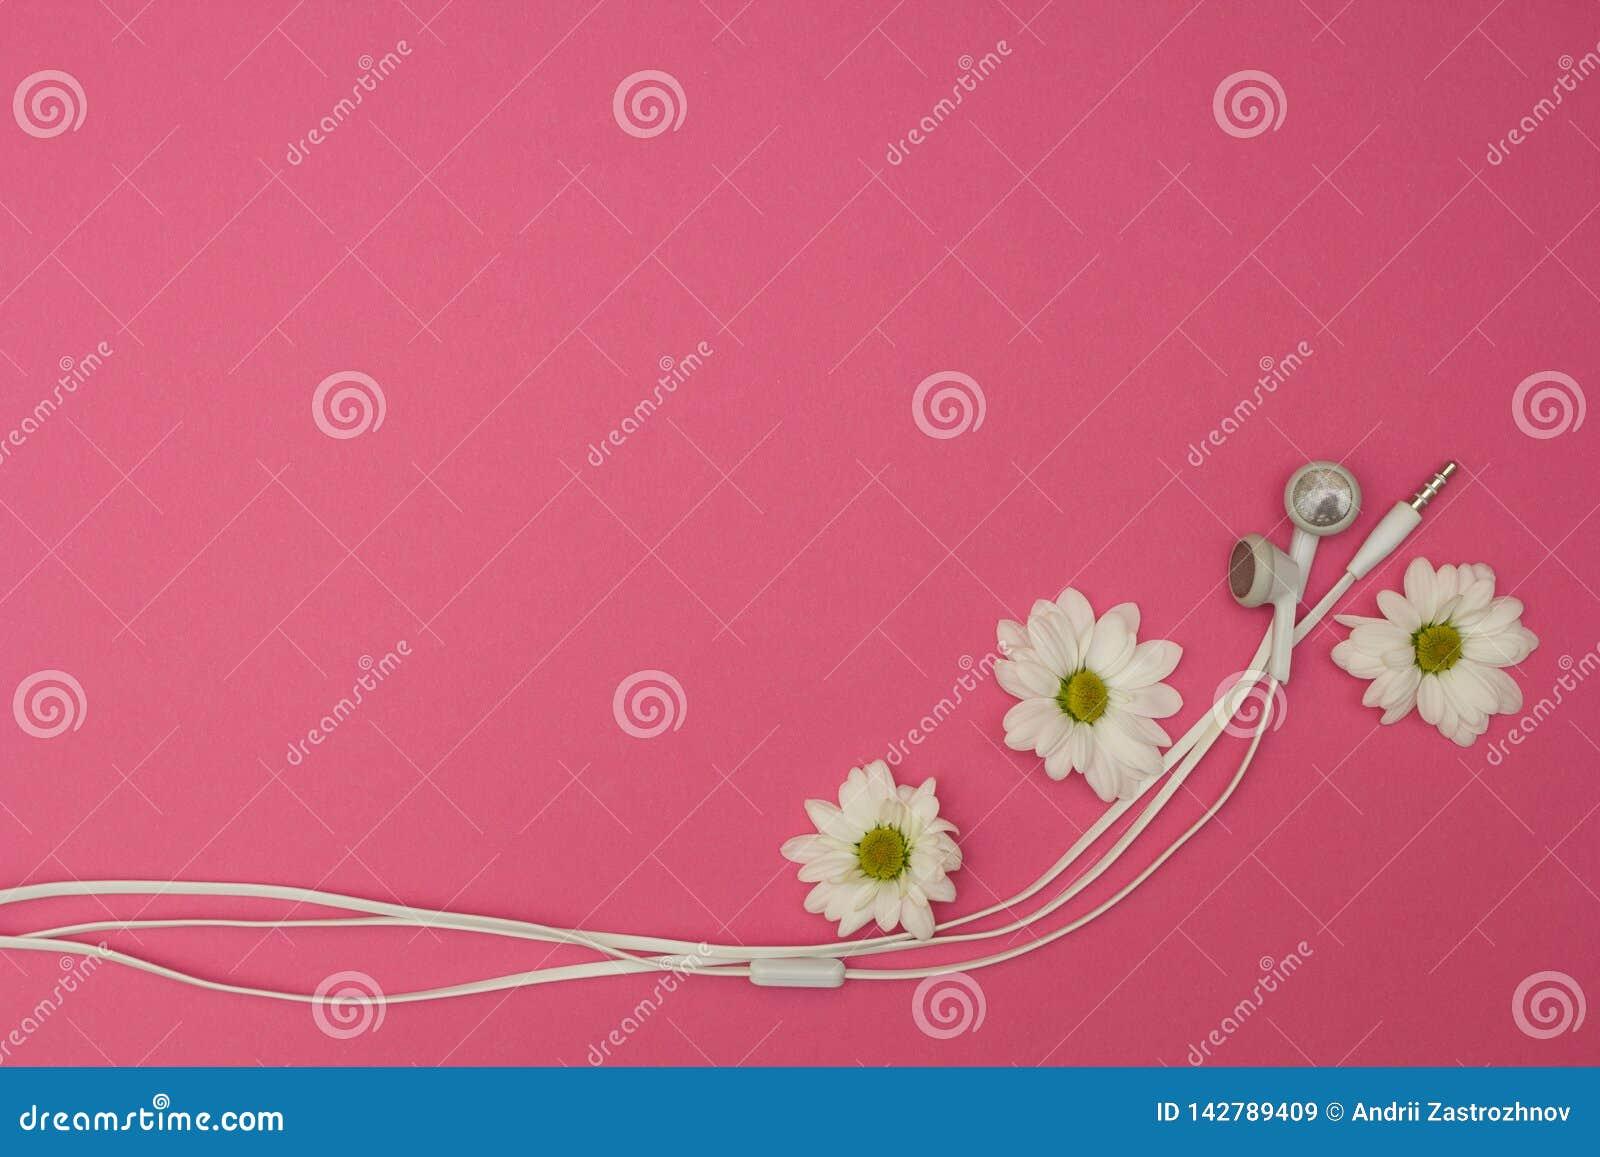 Λουλούδια και ακουστικό στο ρόδινο υπόβαθρο